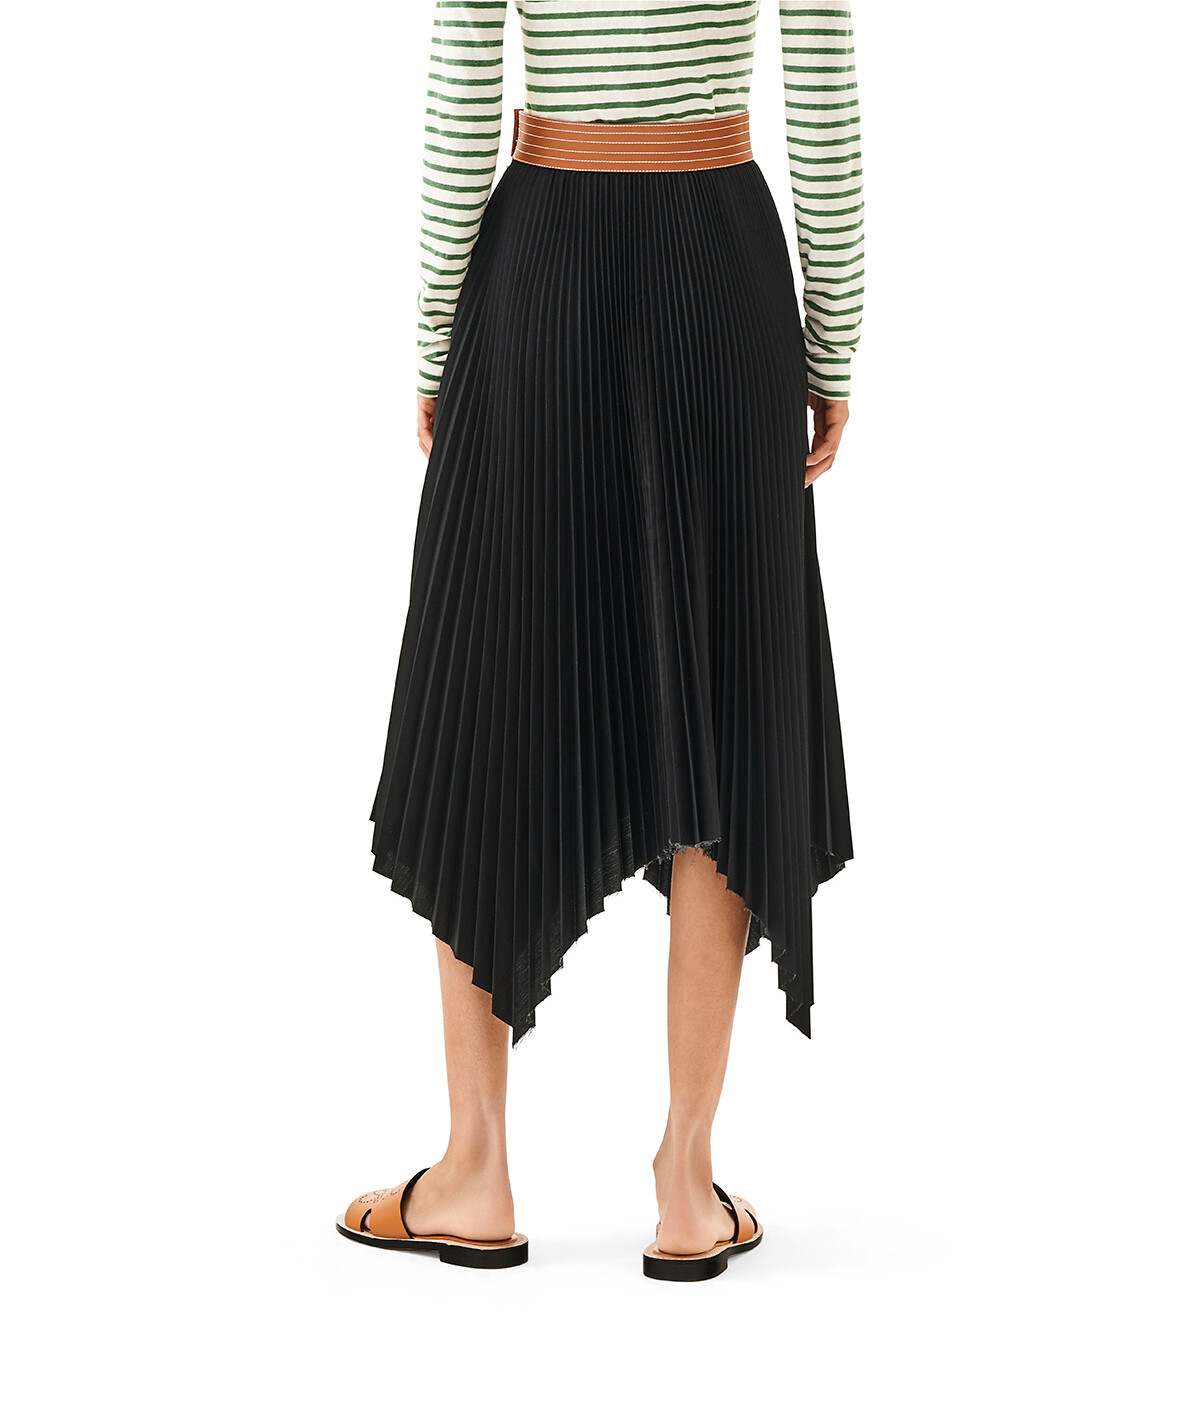 LOEWE Pleated Skirt Black/Tan front